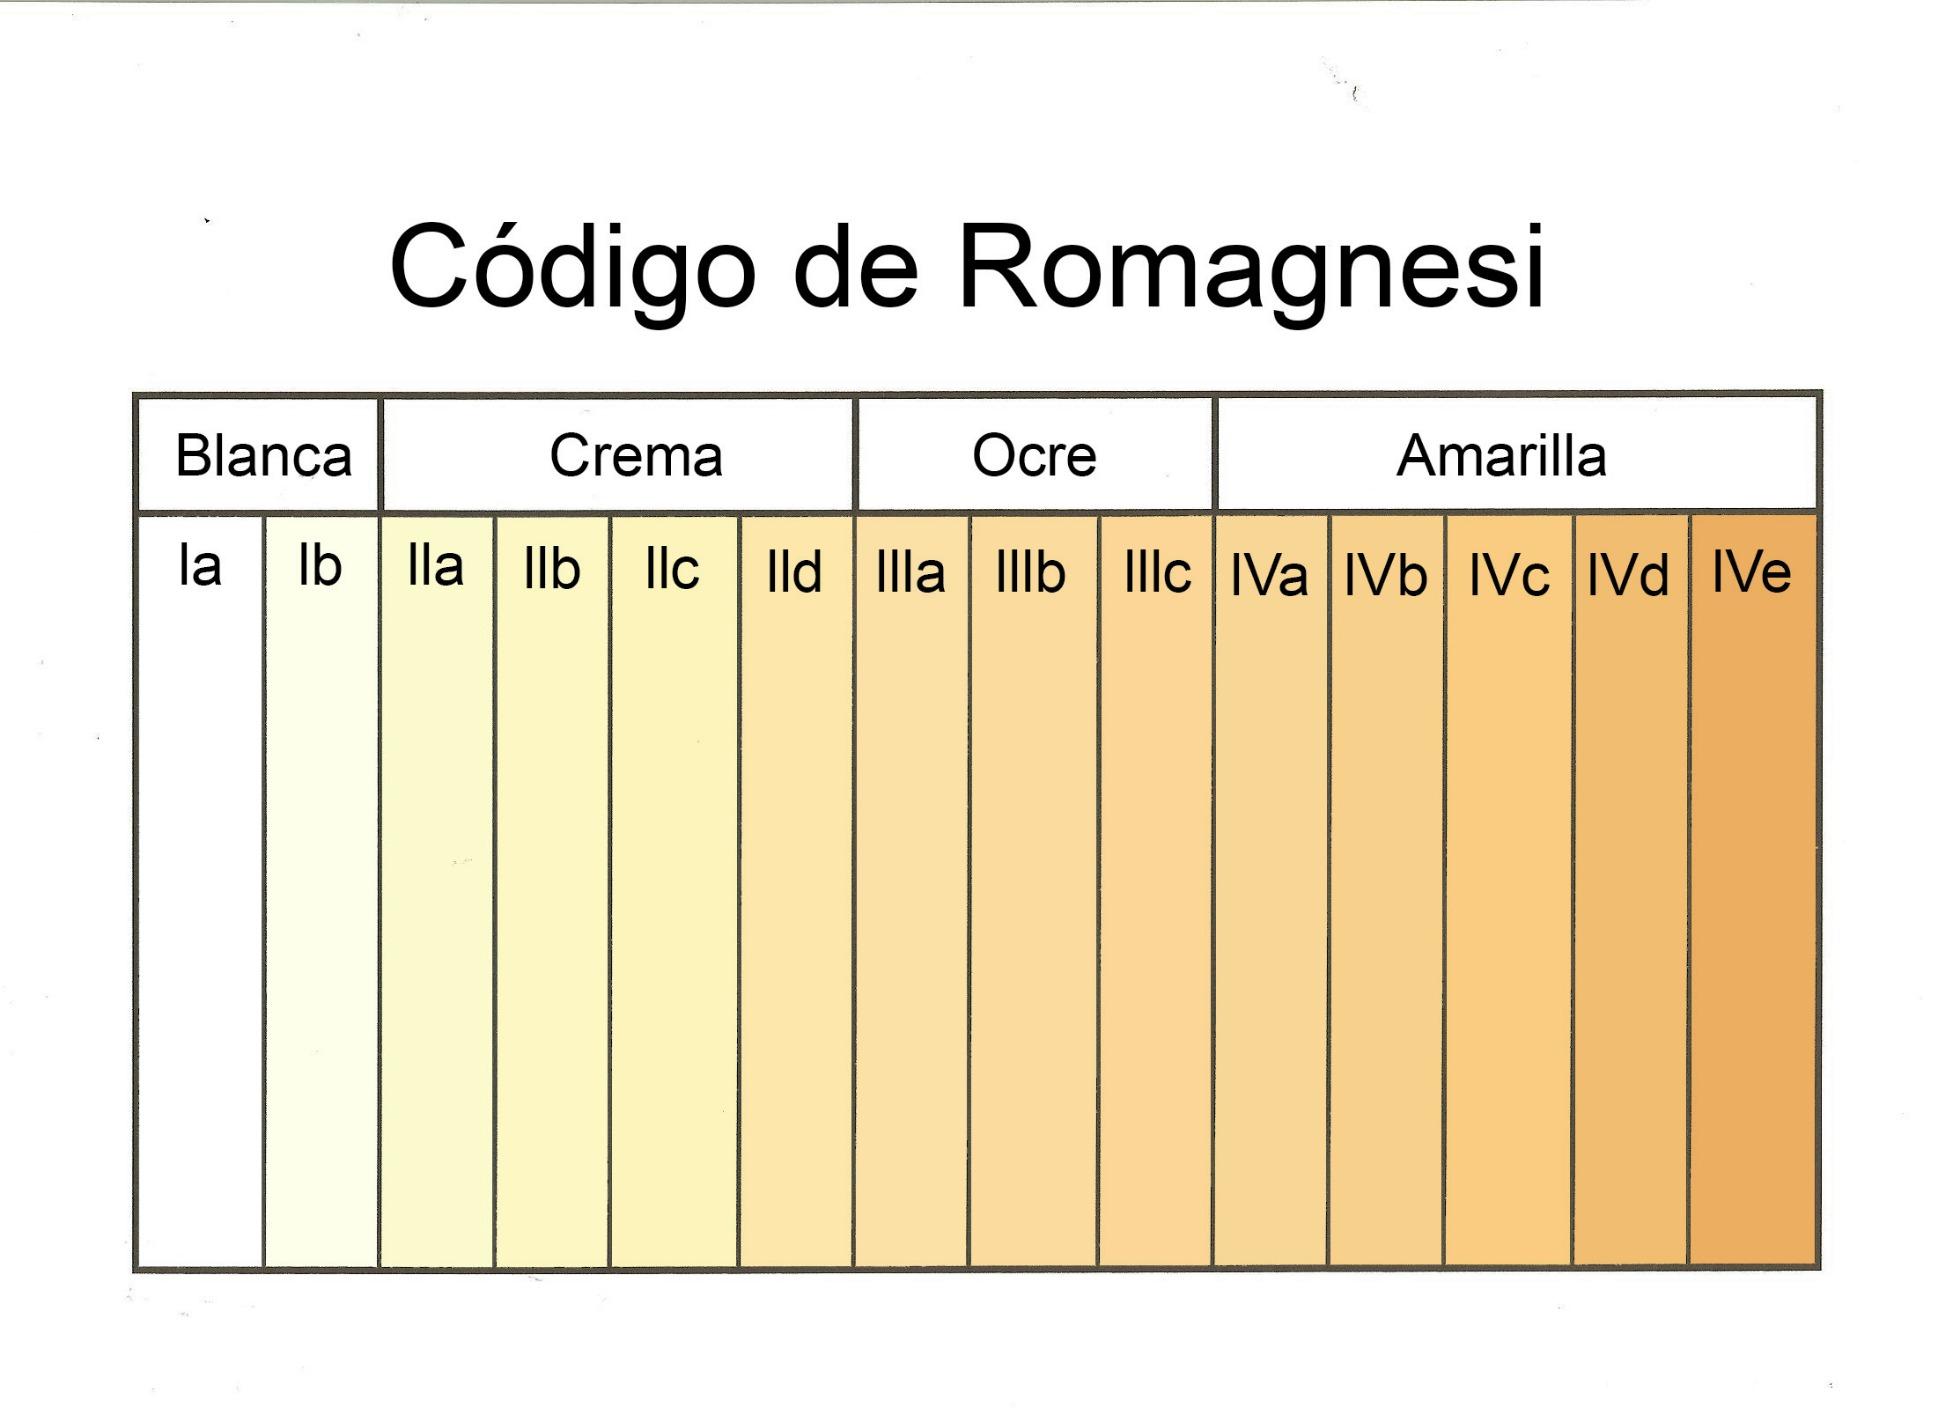 CdigodeRomagnesicompleto-copia.jpg